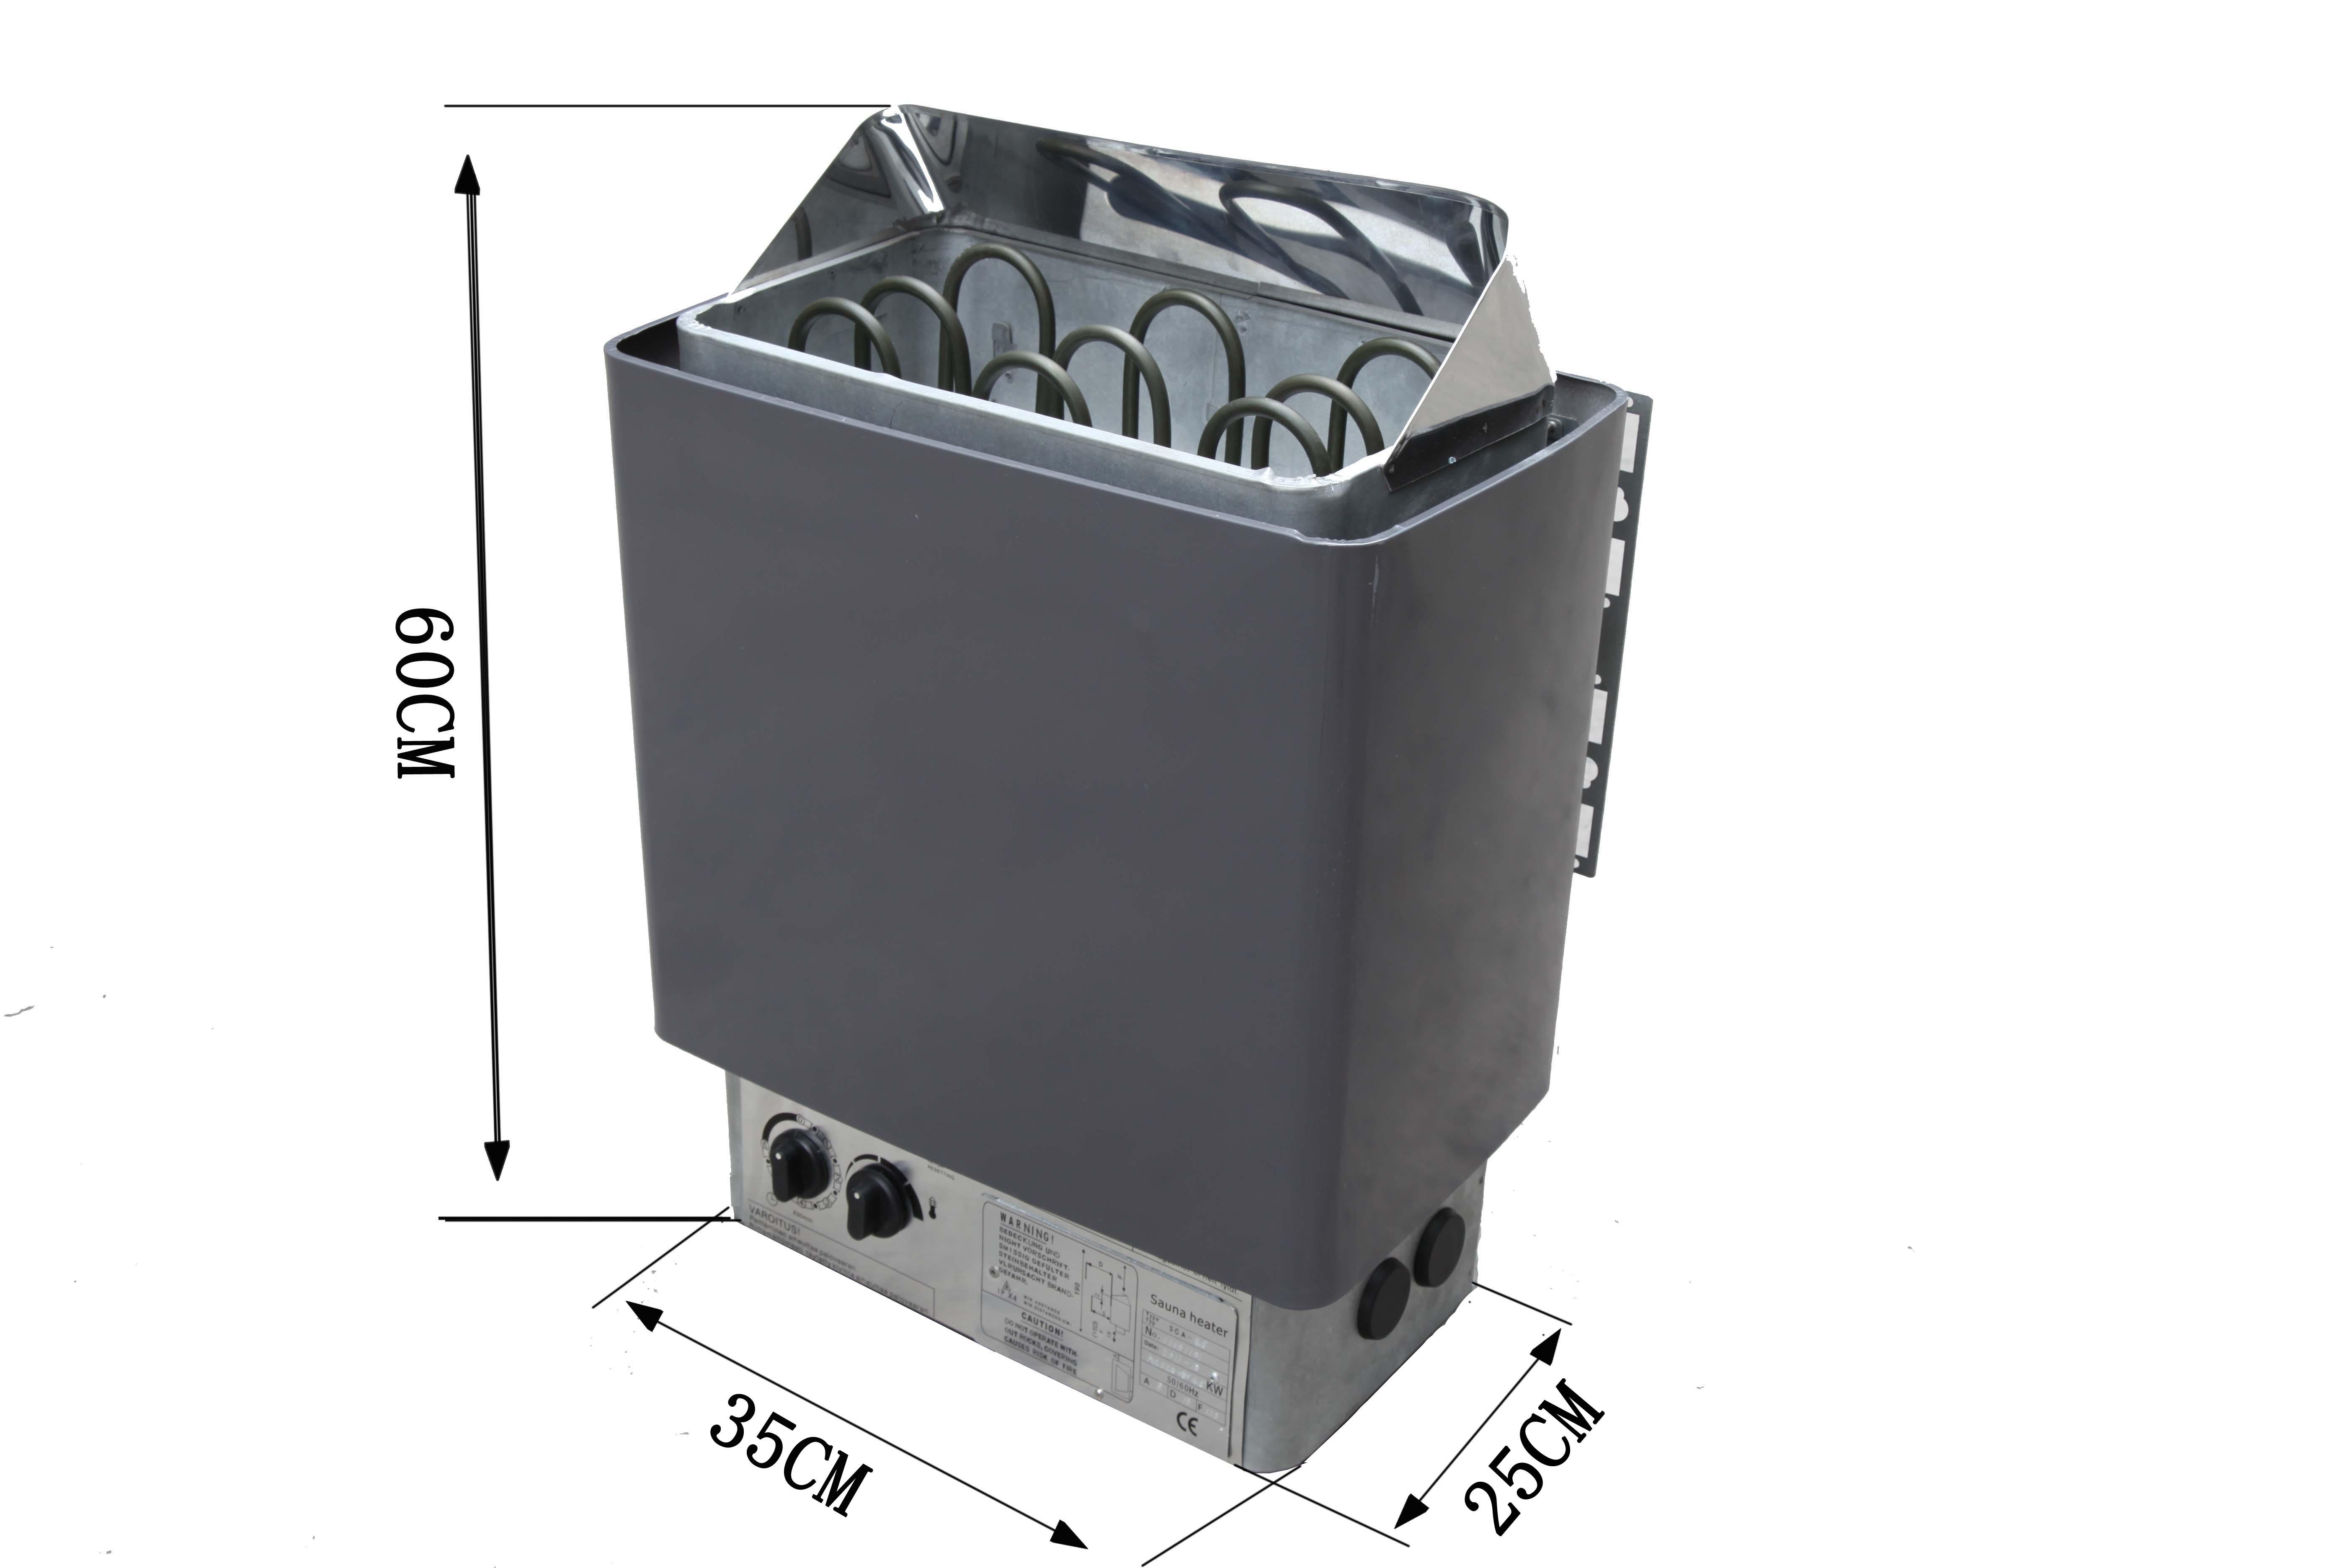 供应桑拿房配件高档桑拿炉可配外控器